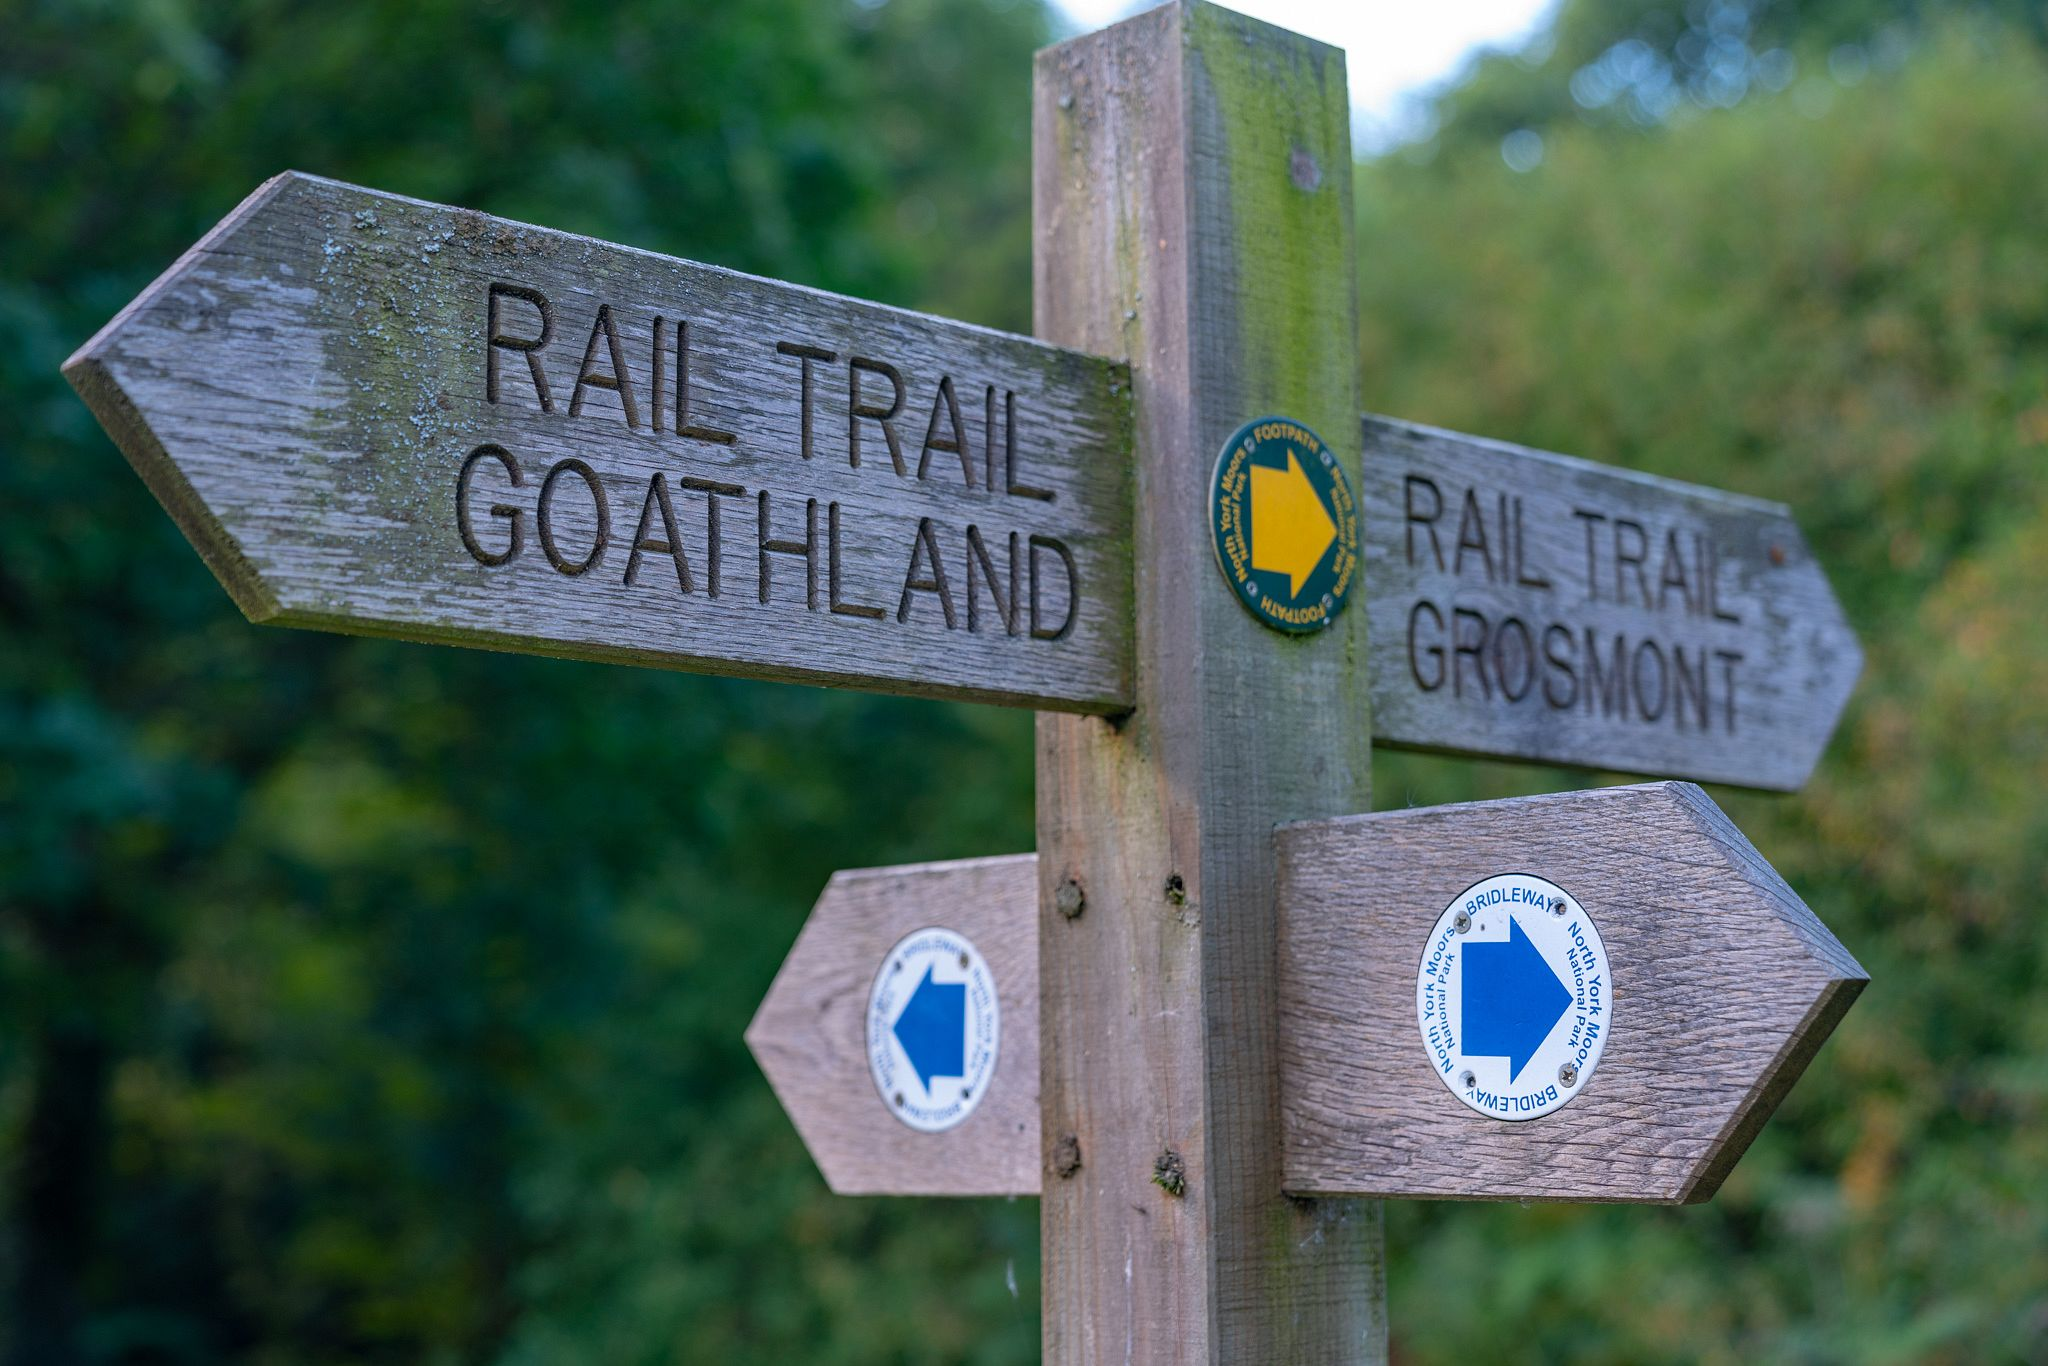 Rail Trail Goathland to Grosmont